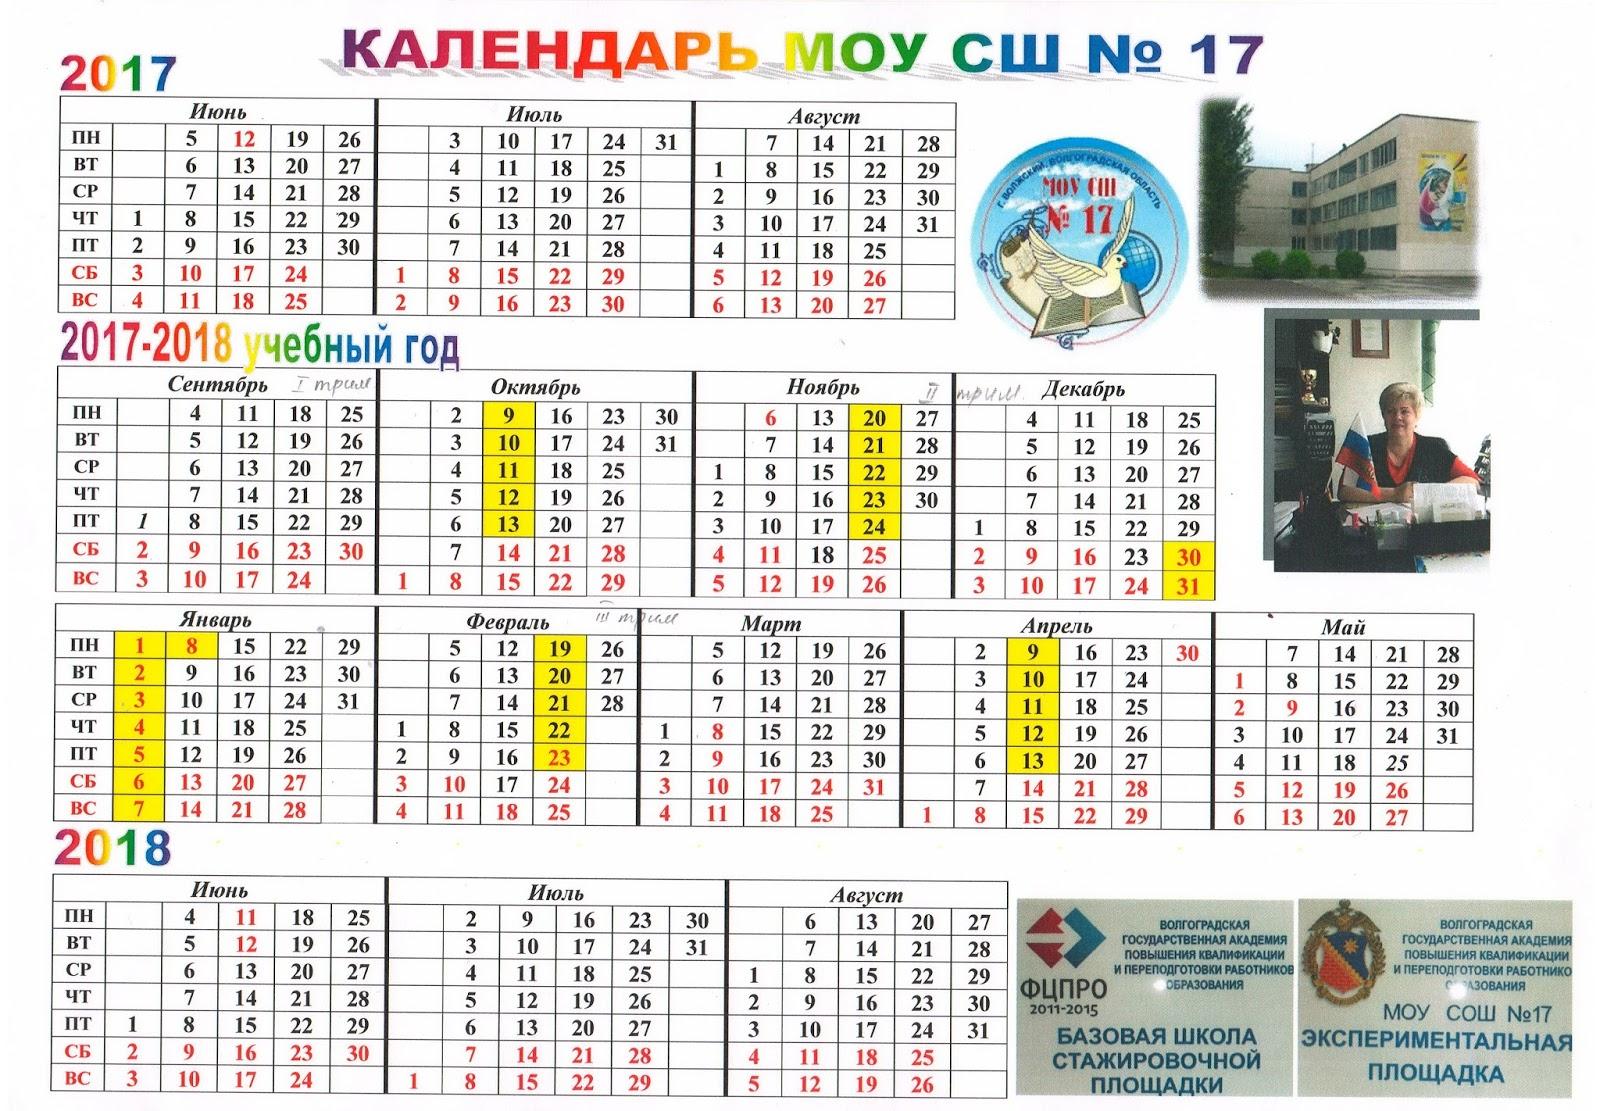 Школьные каникулы в Украине в 2017-2018 году